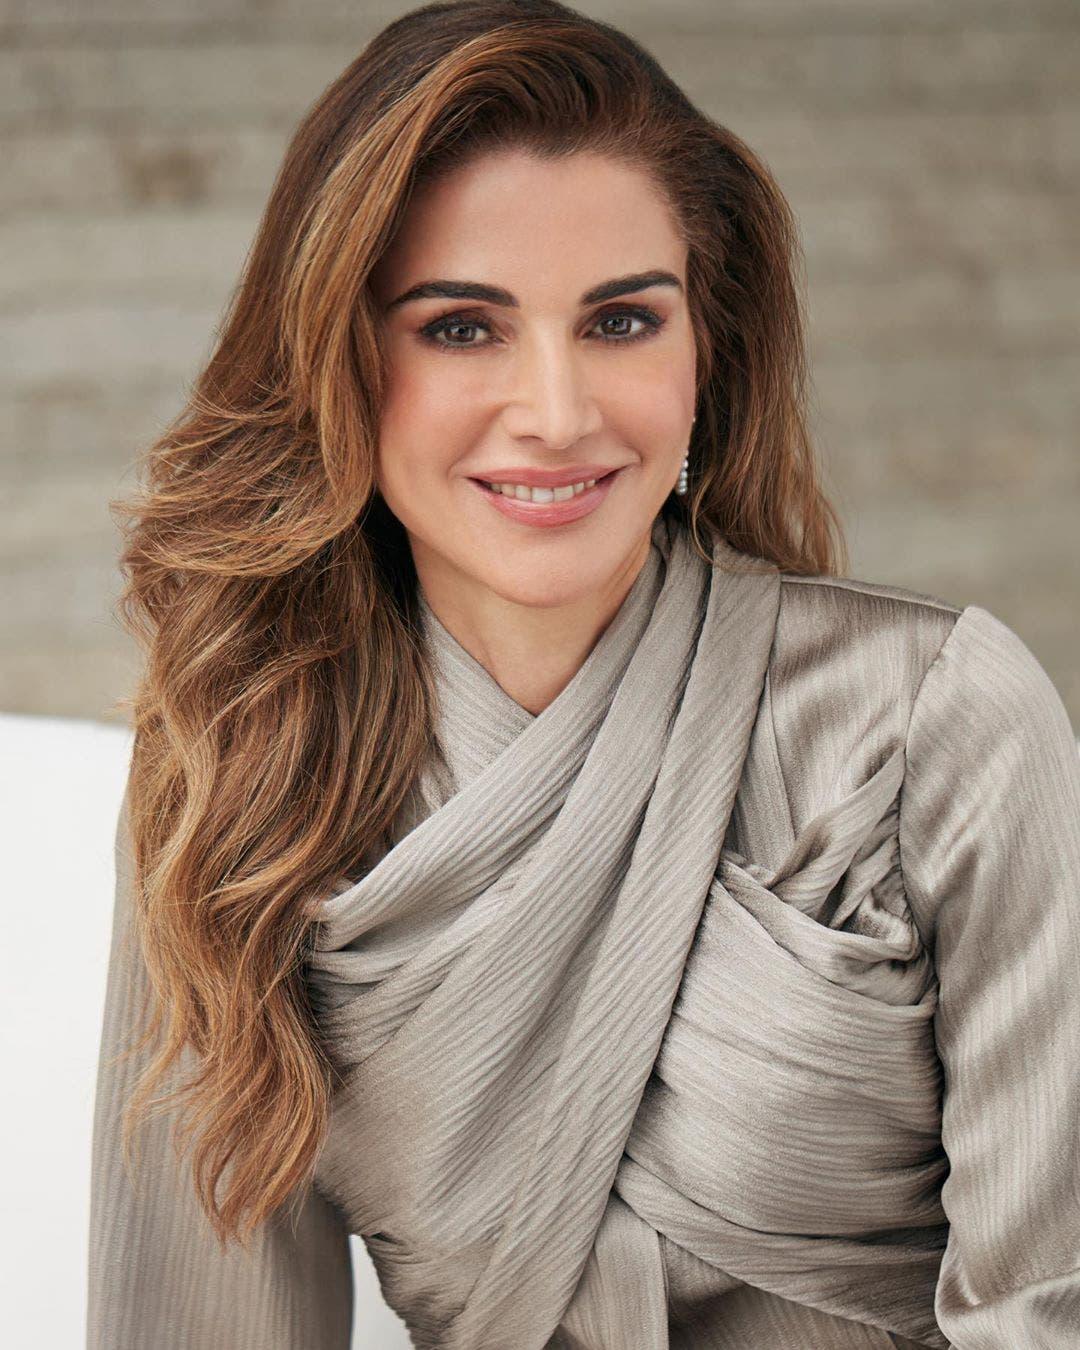 الملكة رانيا بإطلالة تحمل توقيع المصممة اللبنانية دارين هاشم